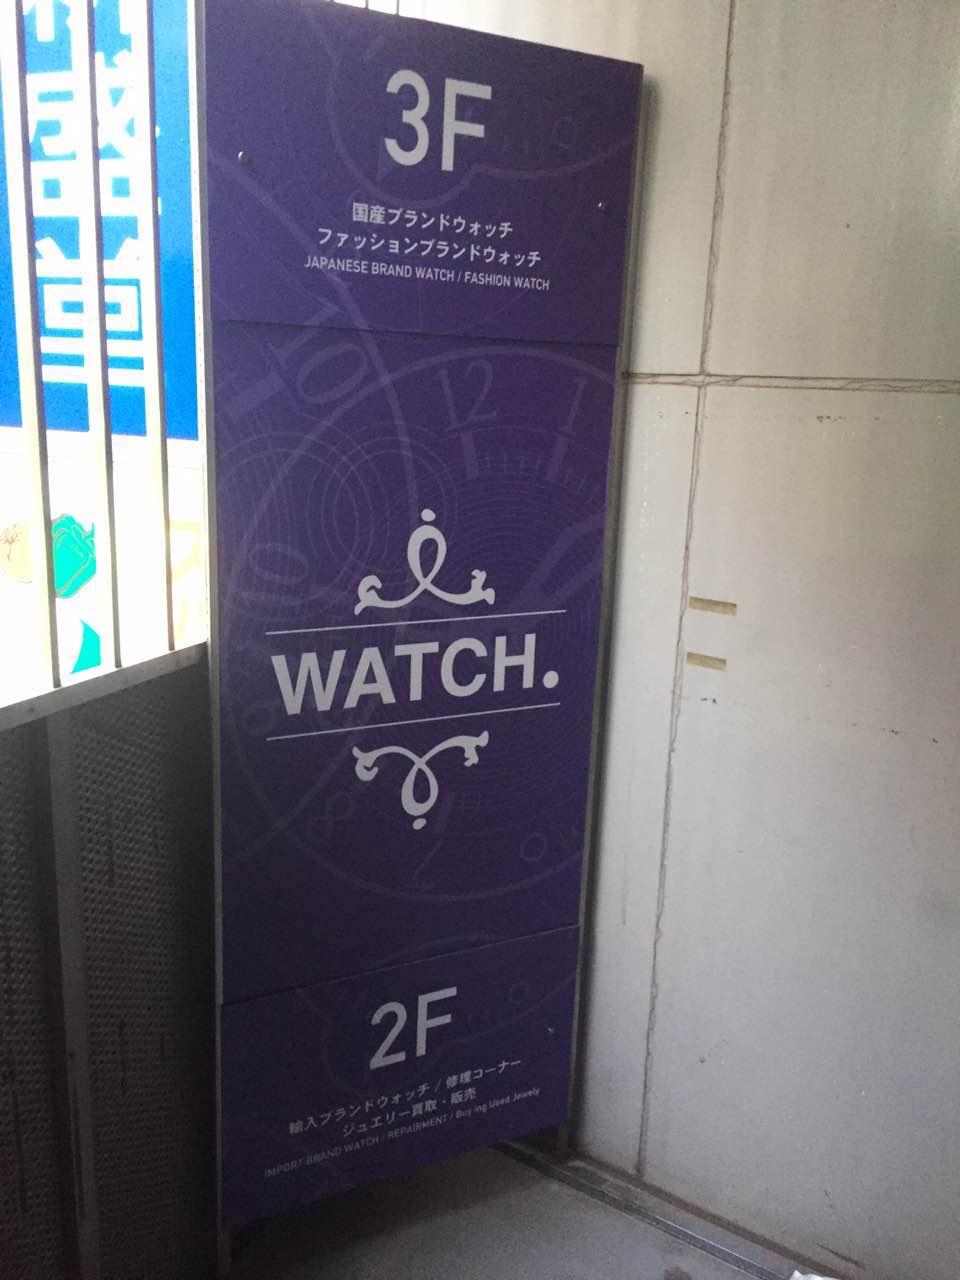 販売店看板-ガラスサイン/チャンネル文字/プレート看板/壁面ファサード看板